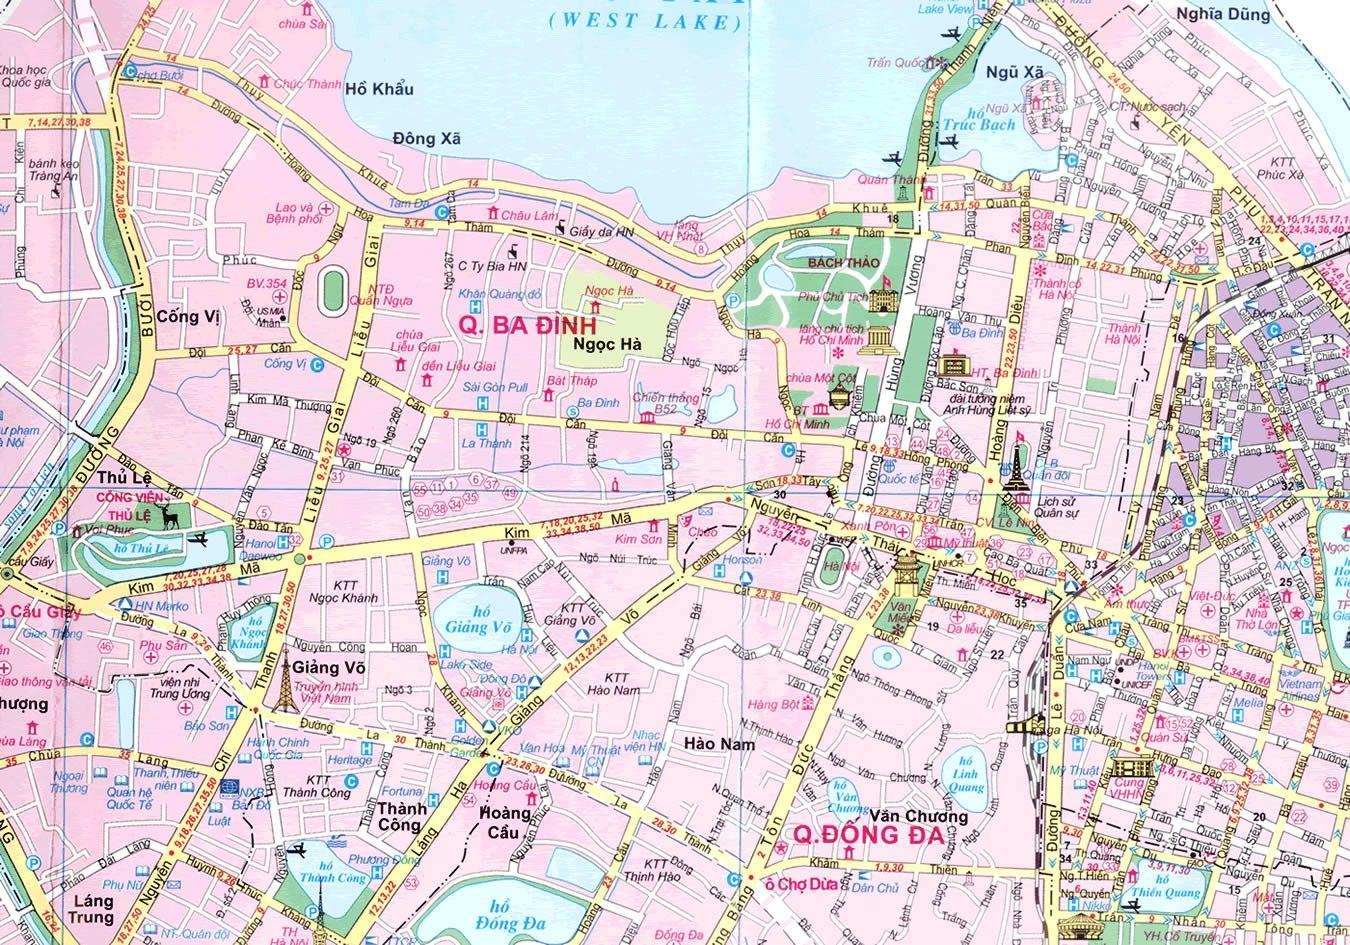 Quy hoạch quận Ba Đình xứng tầm trung tâm chính trị quốc gia